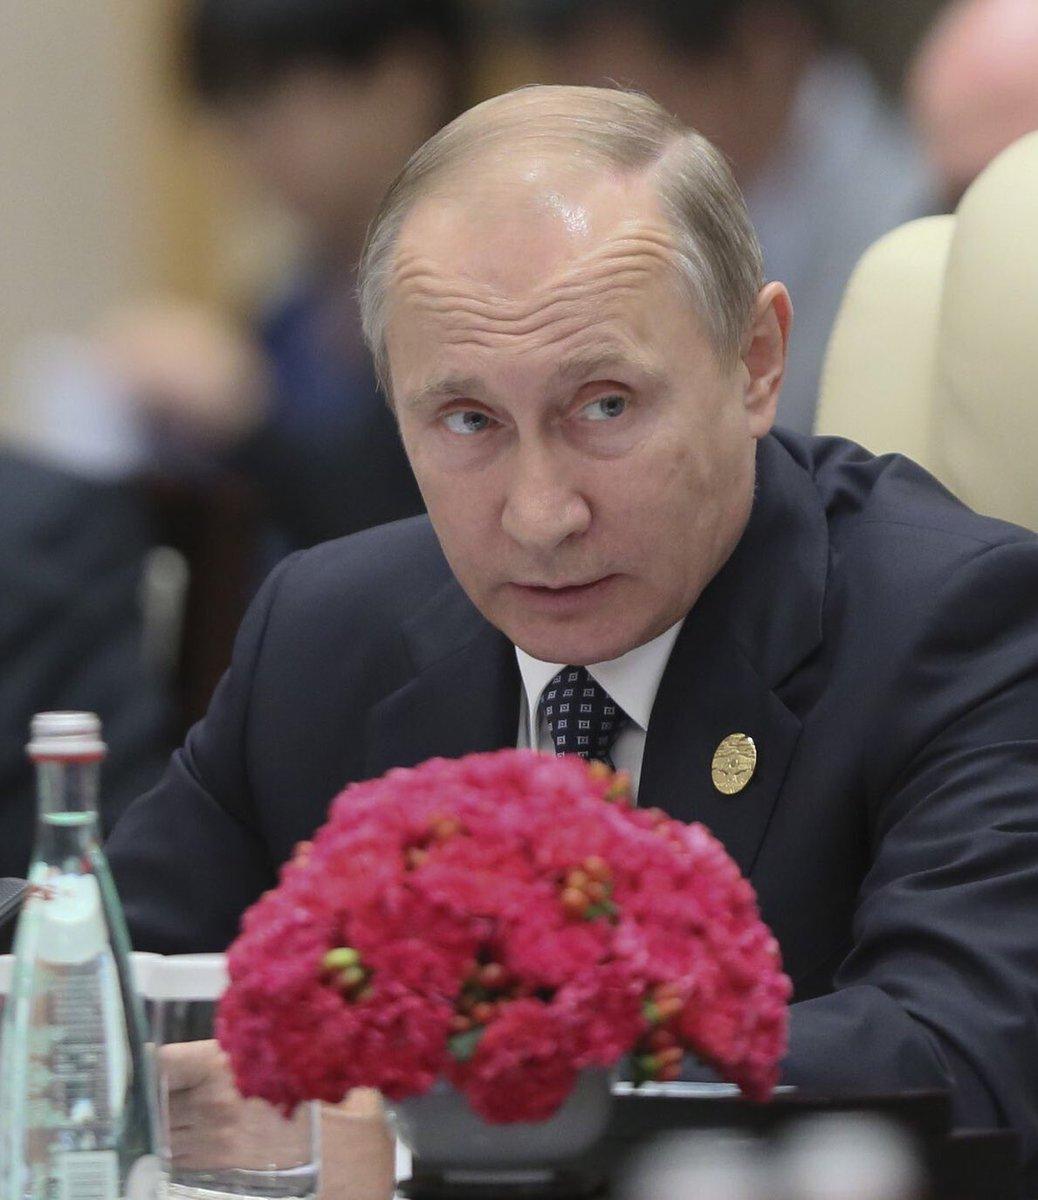 Сотрудничество будет стимулировать военную машину Путина, - украинцы Канады призвали правительство продолжить экономическую изоляцию РФ - Цензор.НЕТ 3942